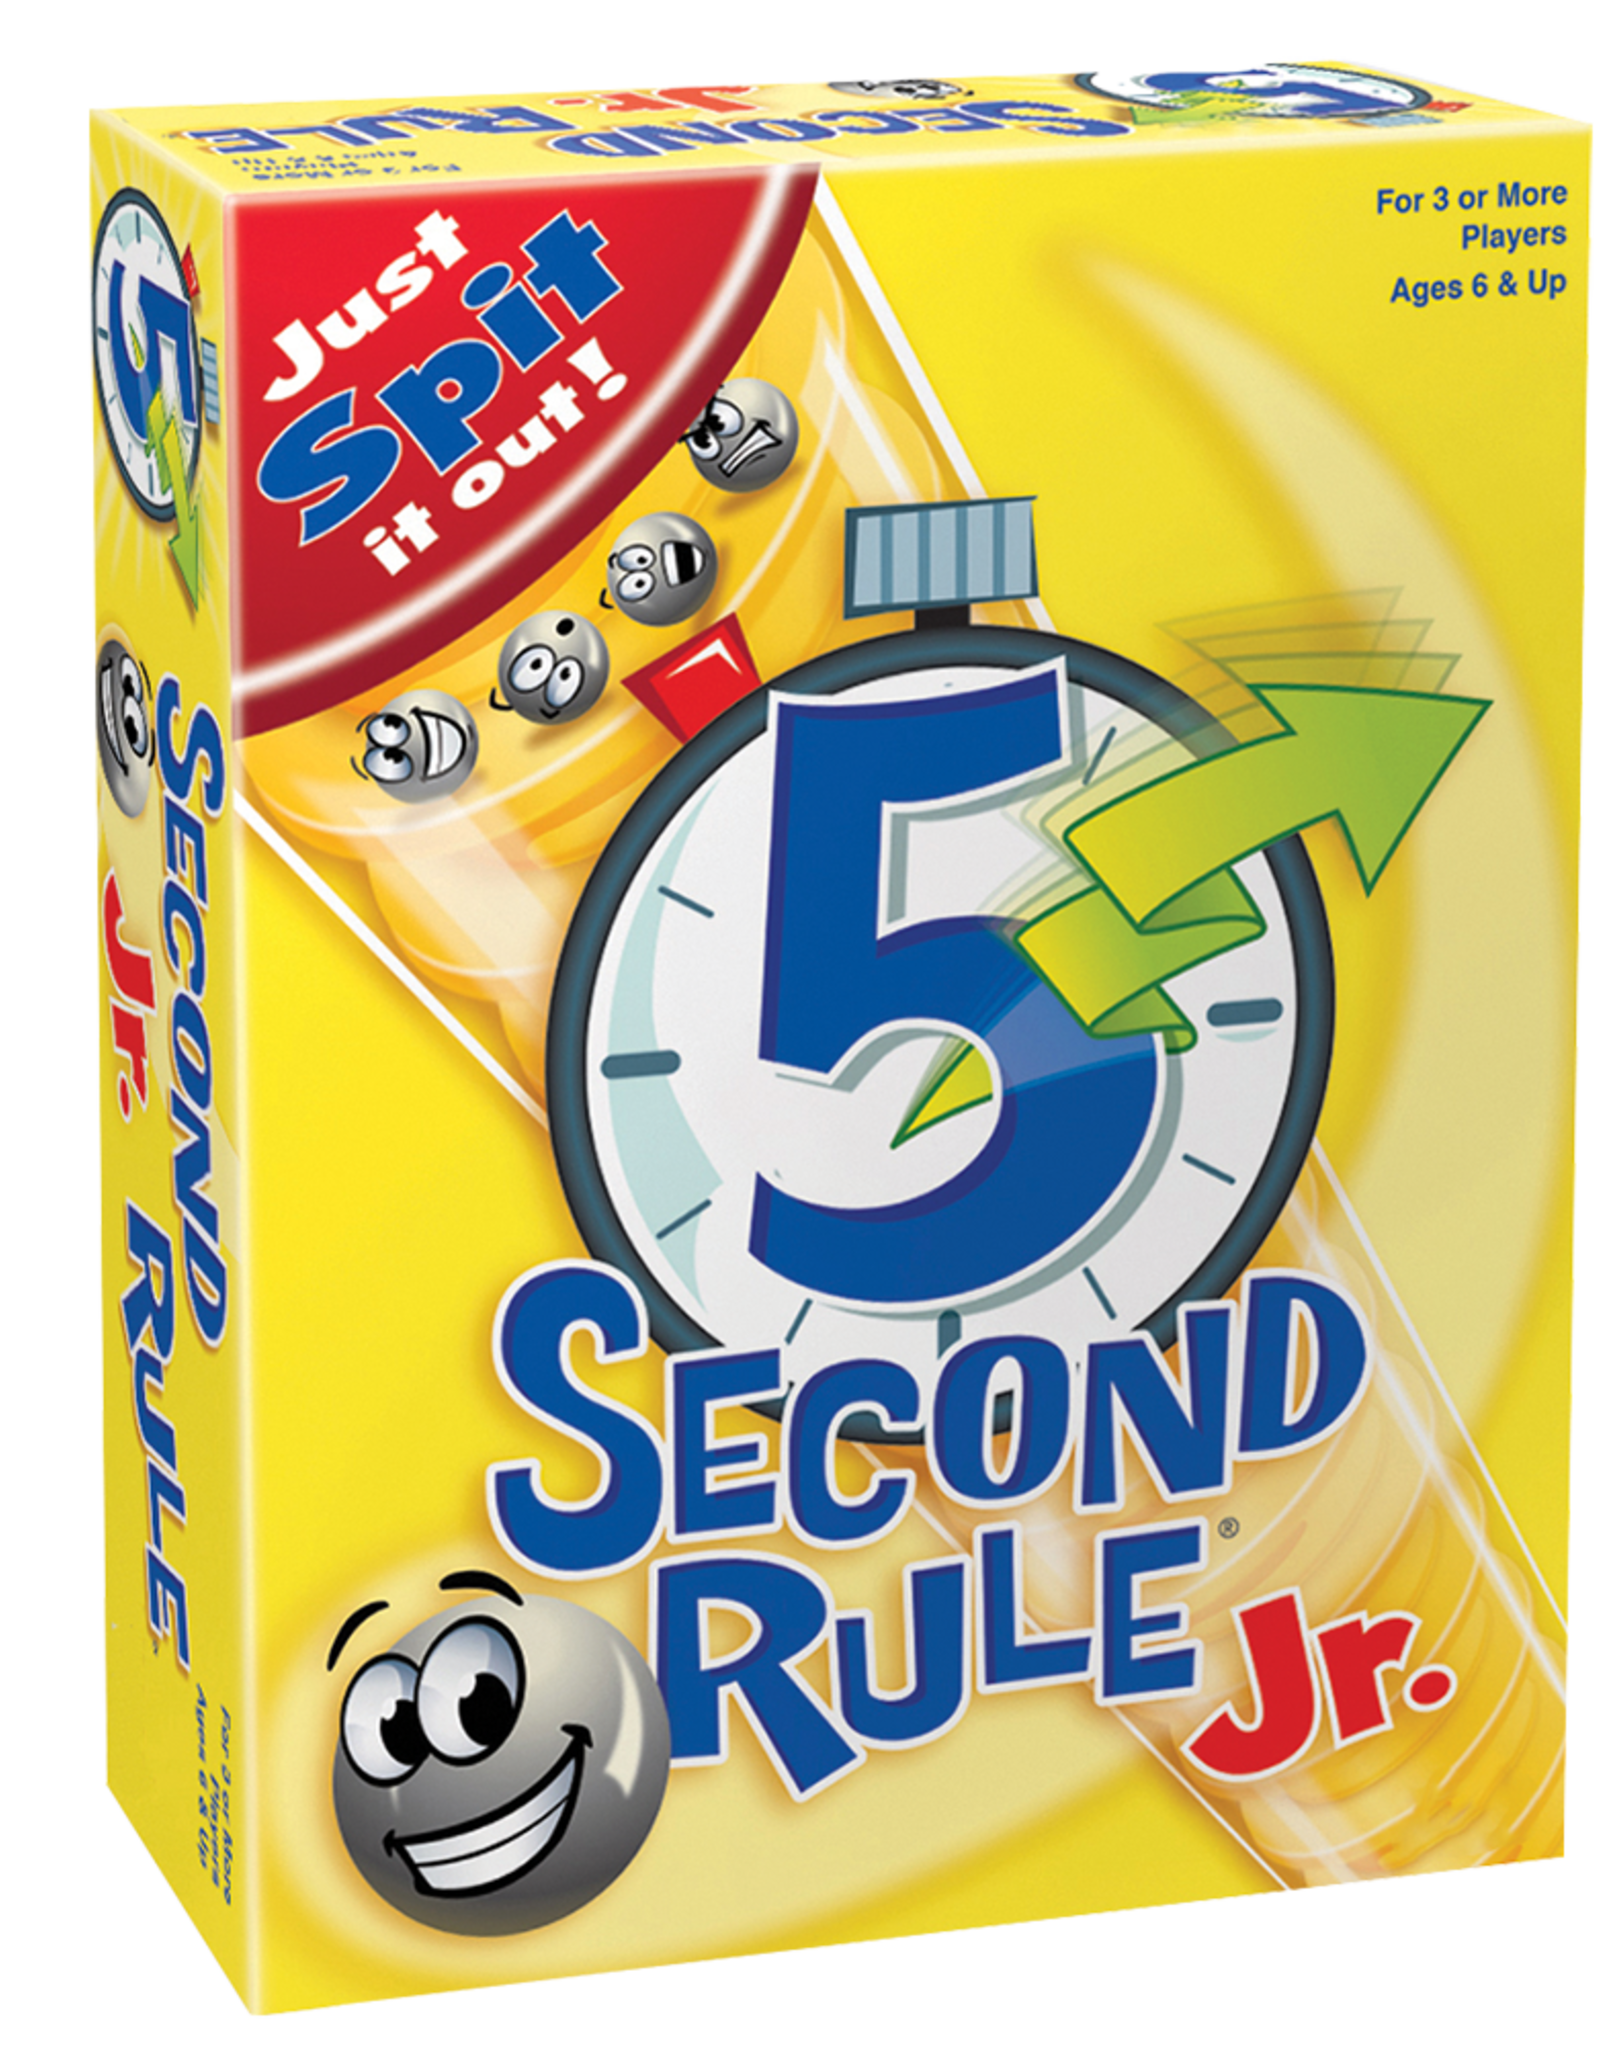 PLAYMONSTER 5 Second Rule Jr.